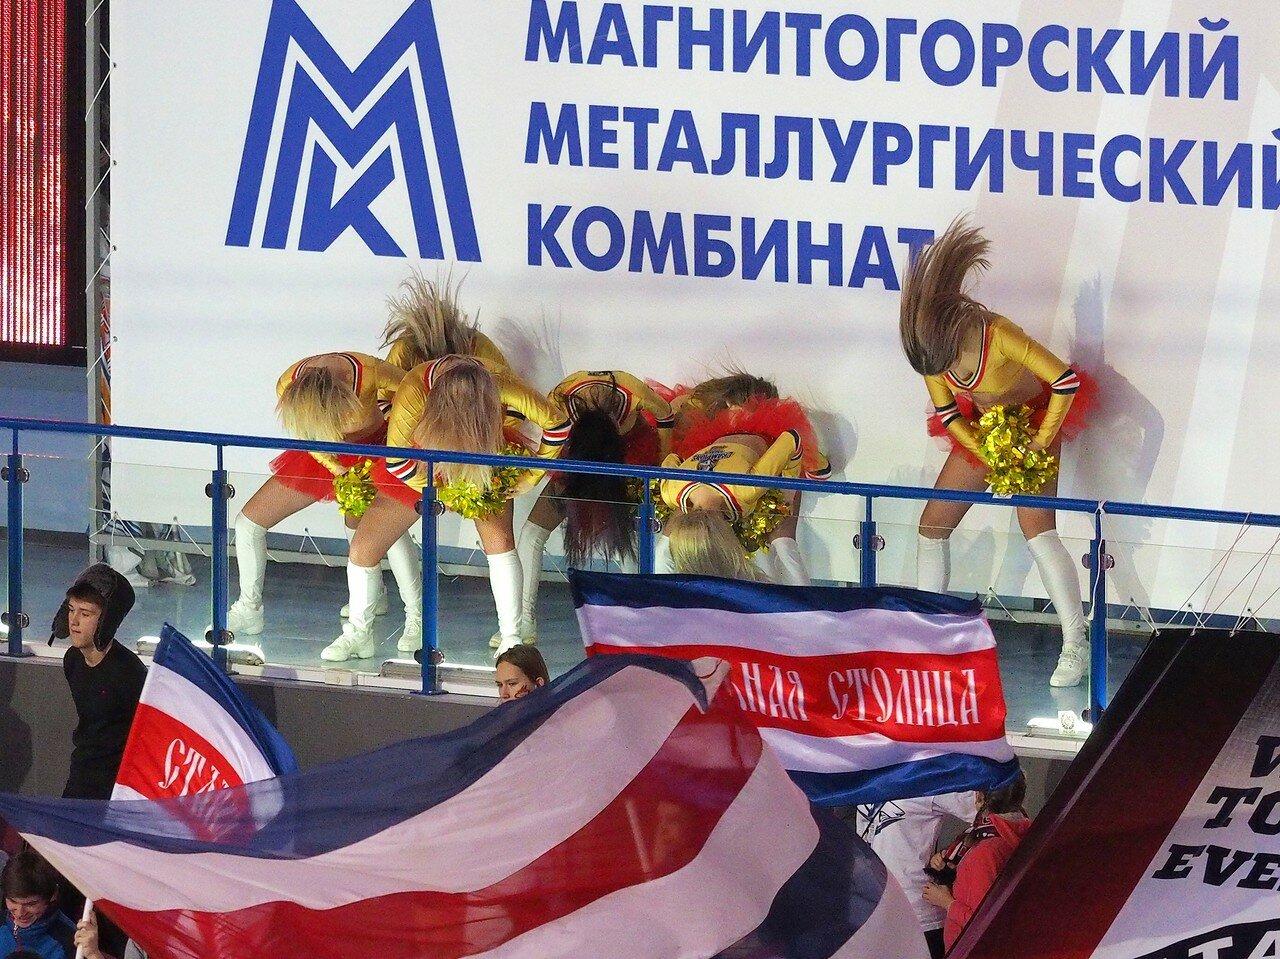 128 Металлург - Динамо Рига 26.11.2017